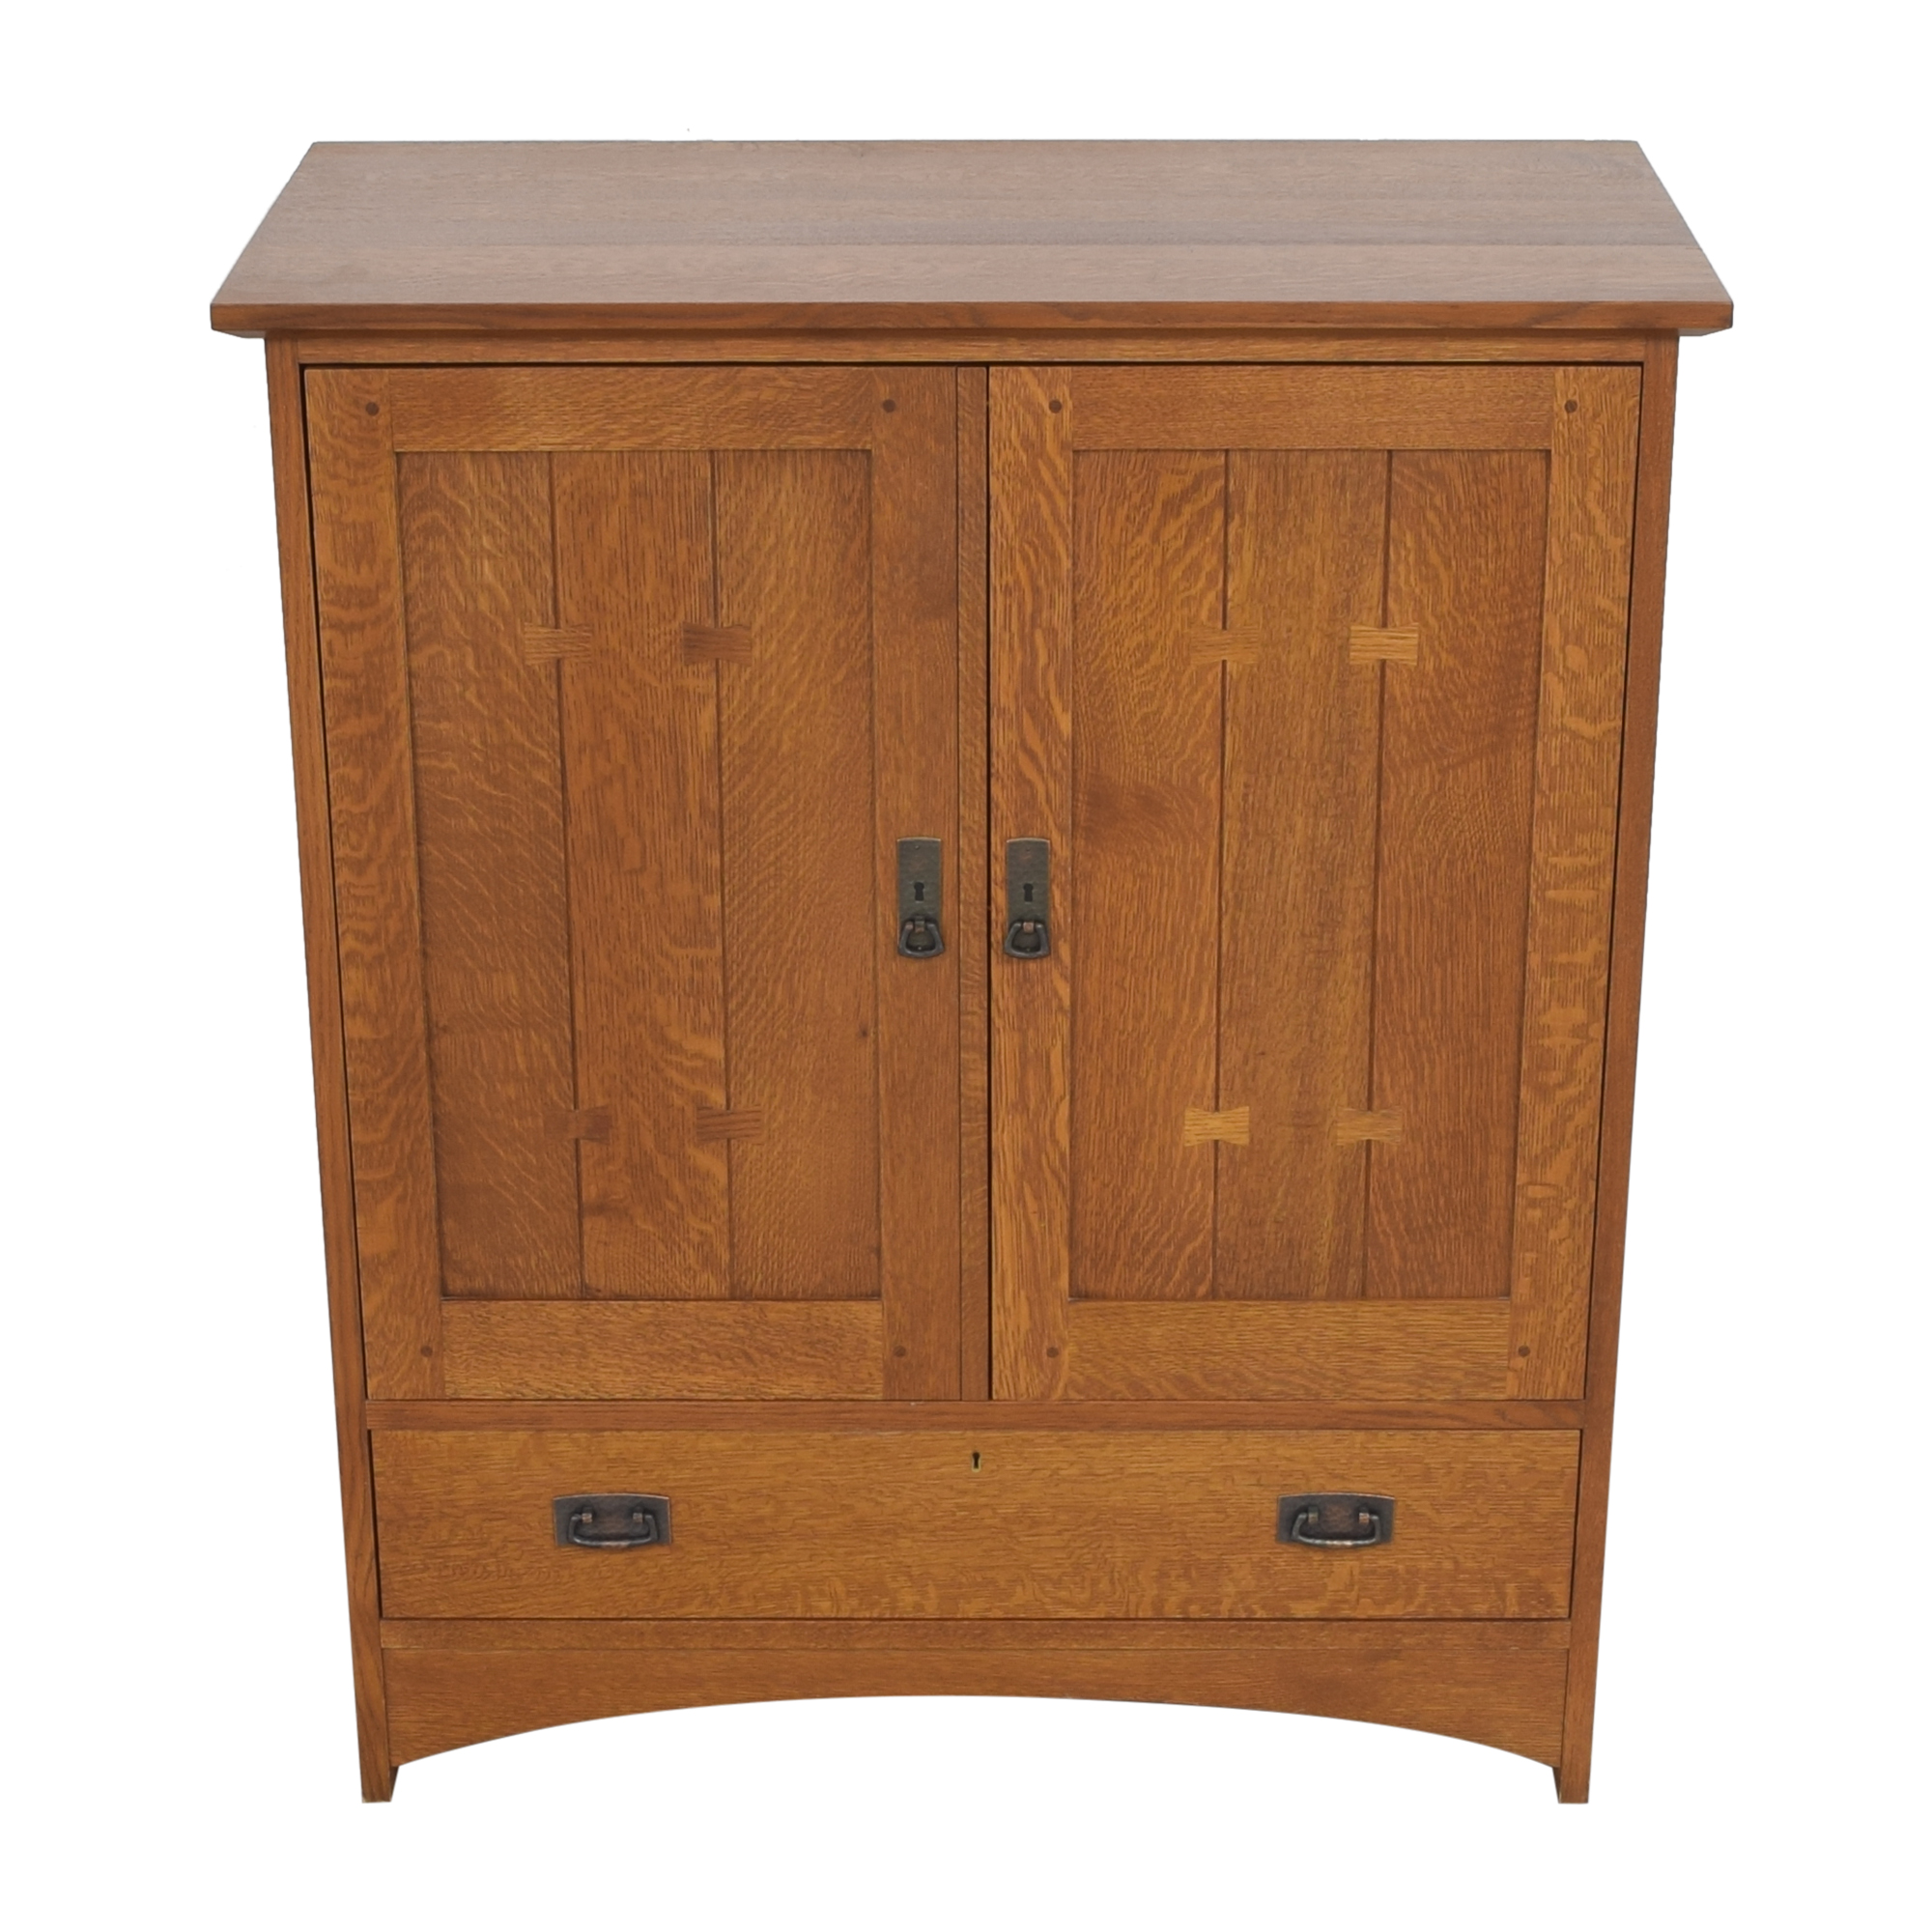 Stickley Furniture Stickley Furniture Media Cabinet nj